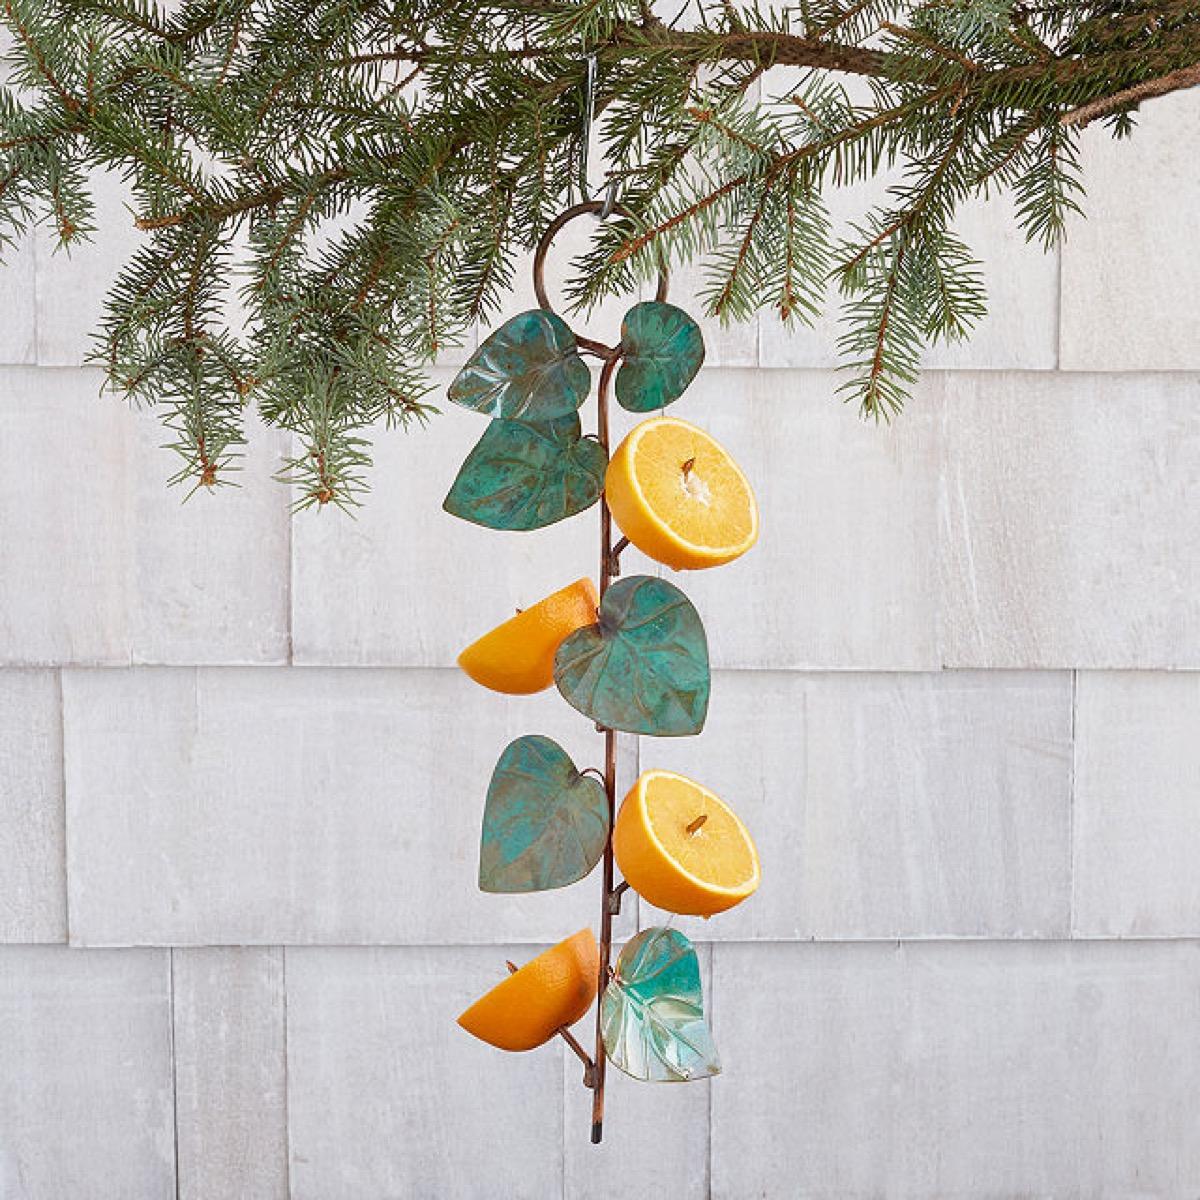 birdie fruit feeder with metal leaves and orange halves